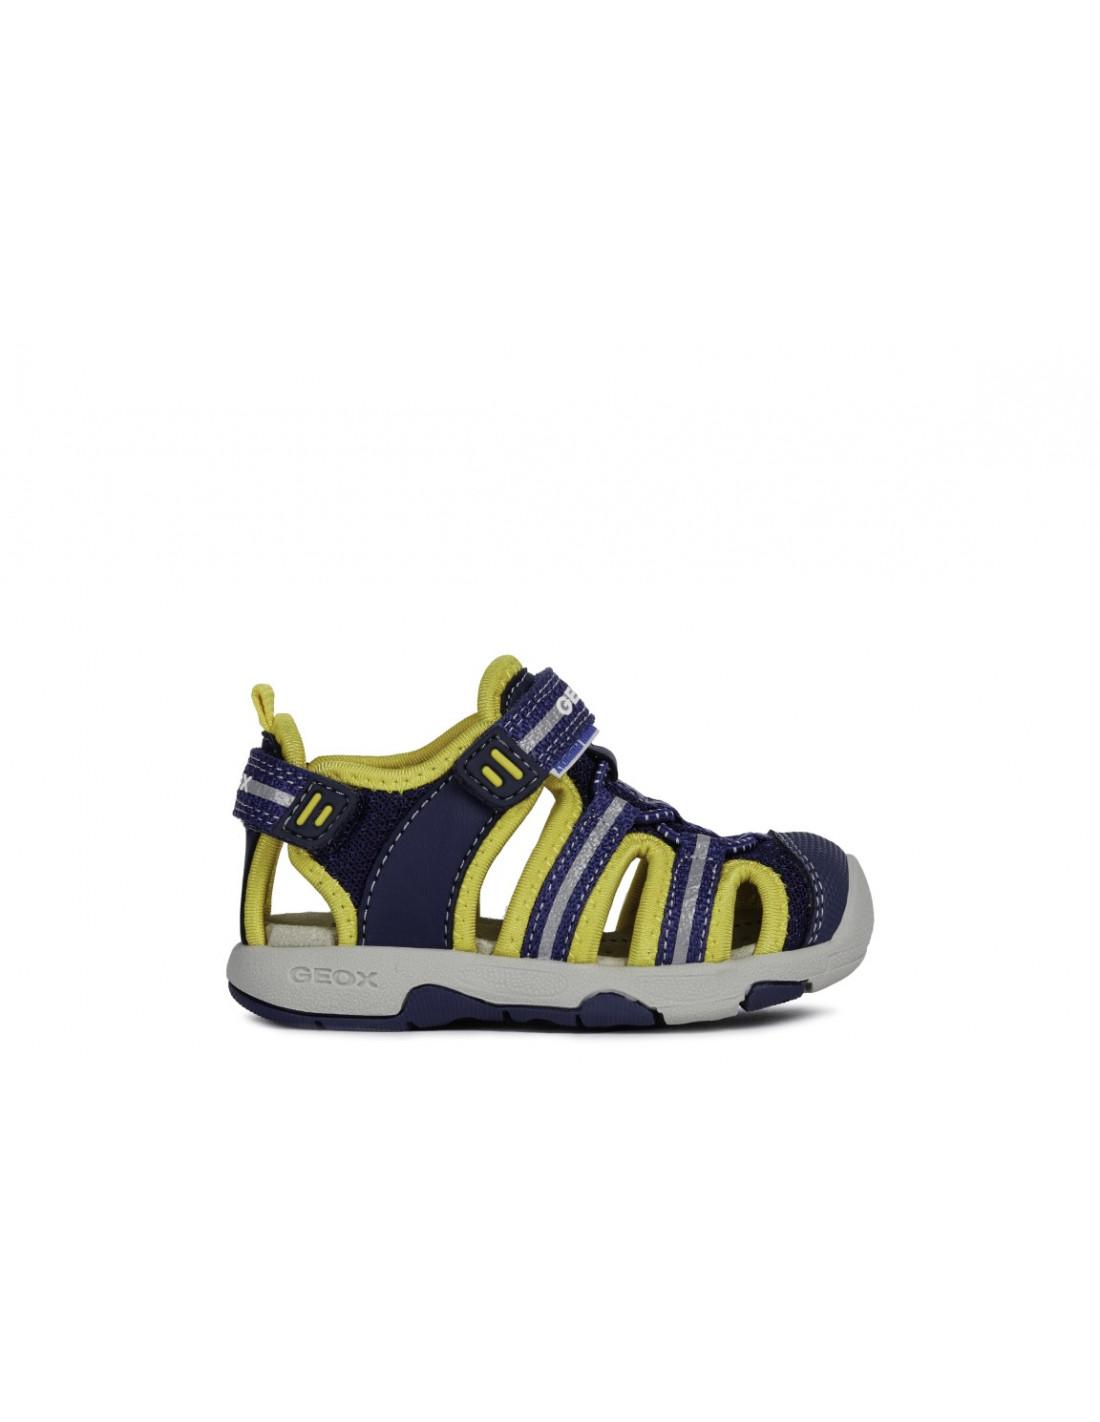 e5d99c230 sandalia geox para niño transpirable flexible y amortiguada color azul